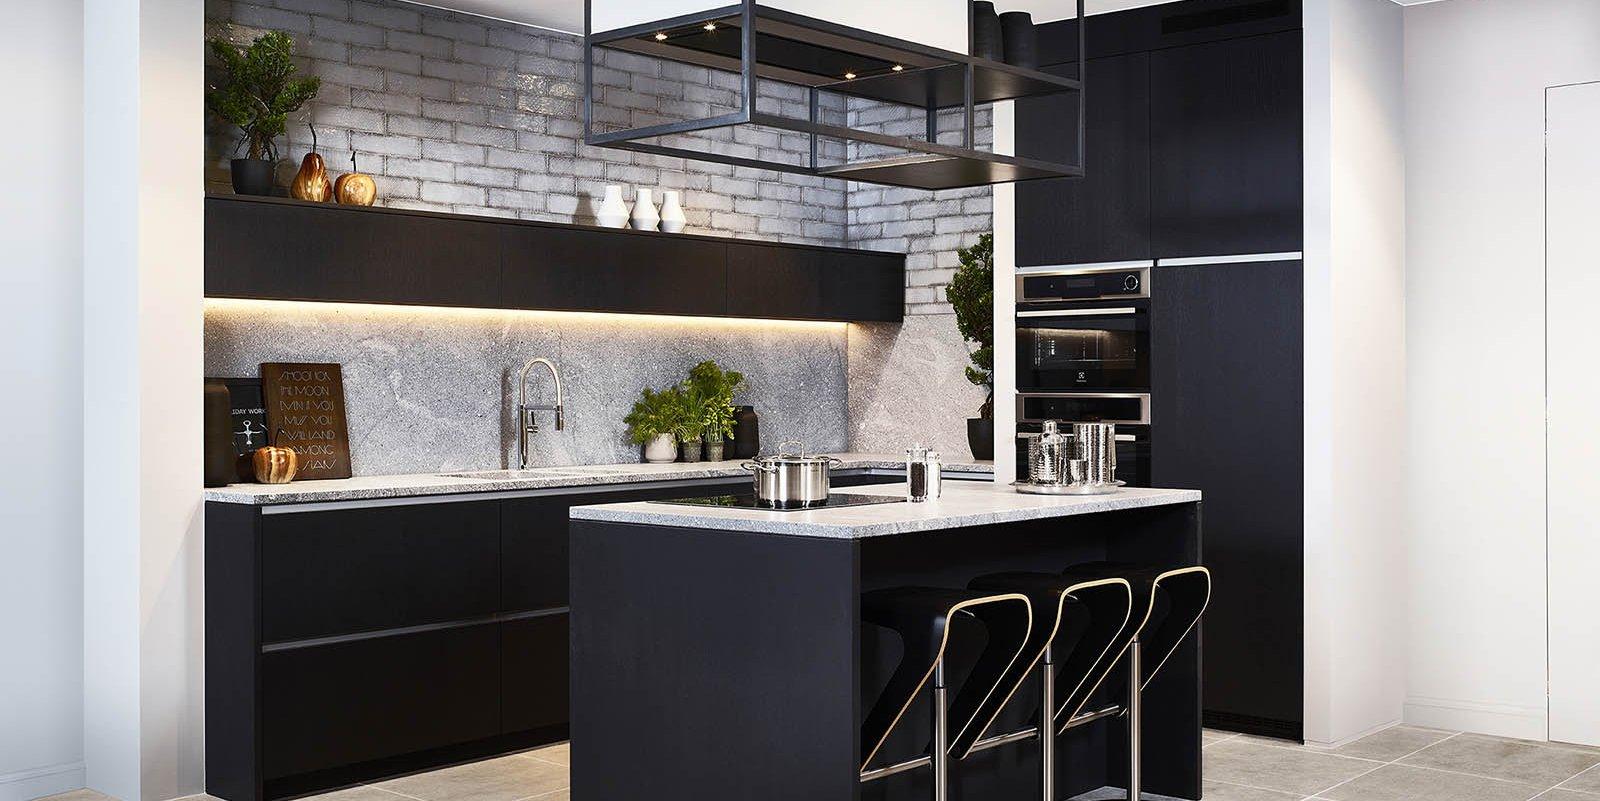 Zwarte keukens zijn dé trend van 2018